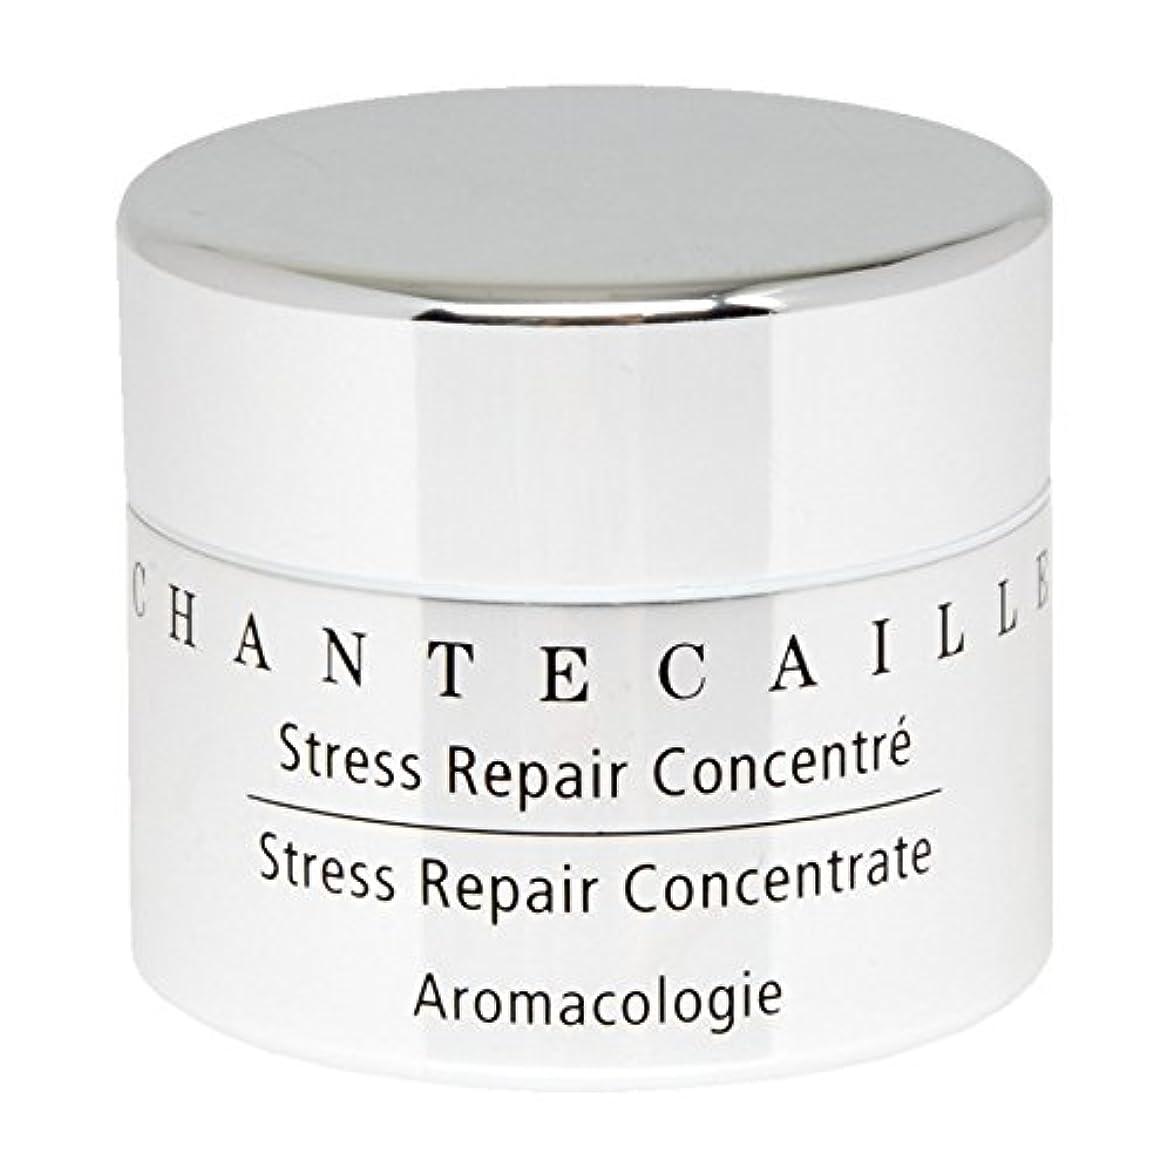 石膏成長する過激派シャンテカイユストレス修復濃縮15ミリリットル x4 - Chantecaille Stress Repair Concentrate 15ml (Pack of 4) [並行輸入品]